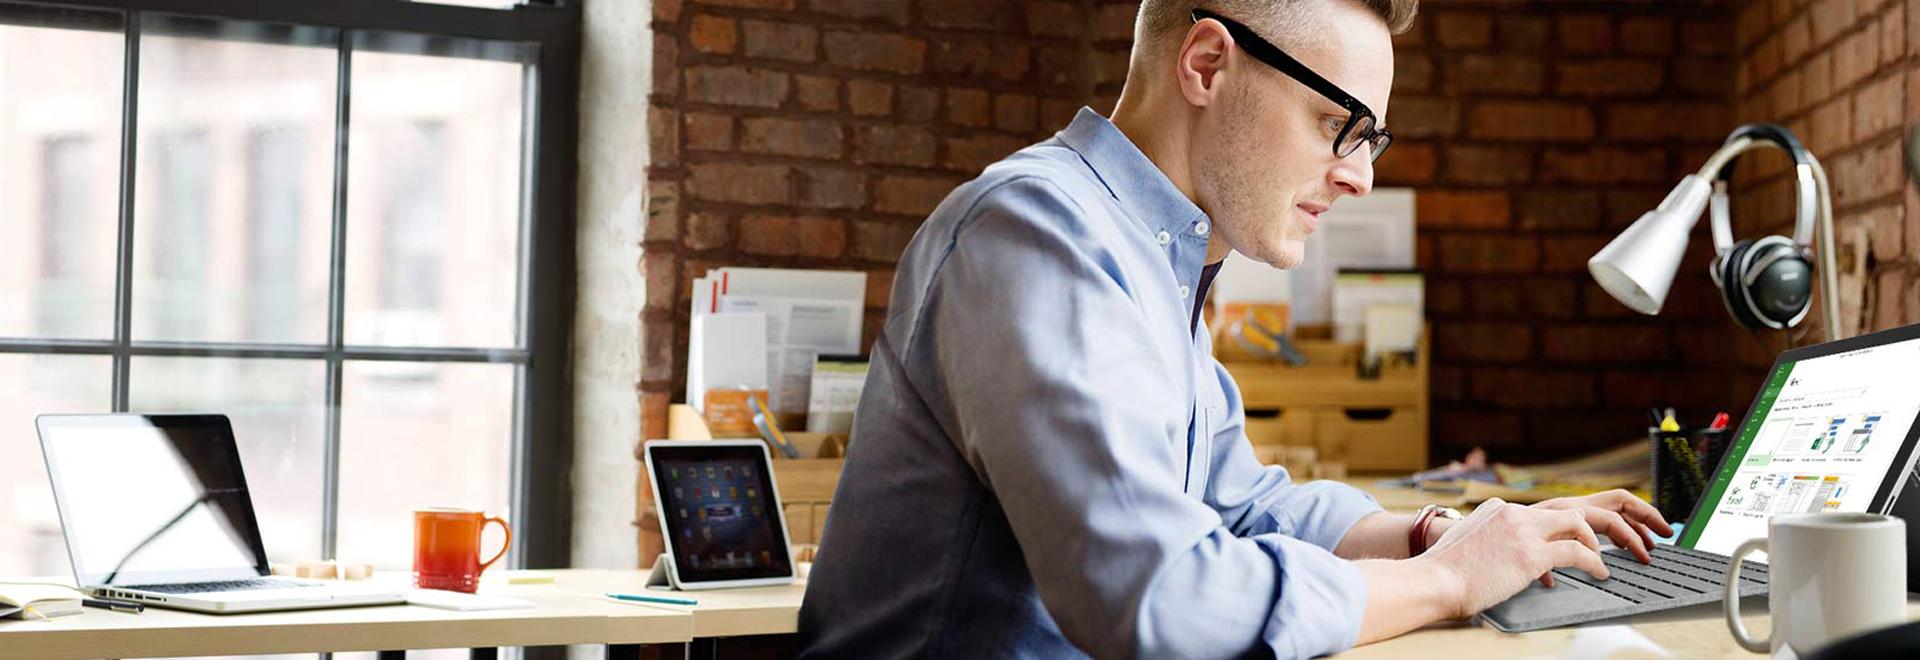 デスクに座って Surface タブレットで Microsoft Project を使用して仕事をしている男性